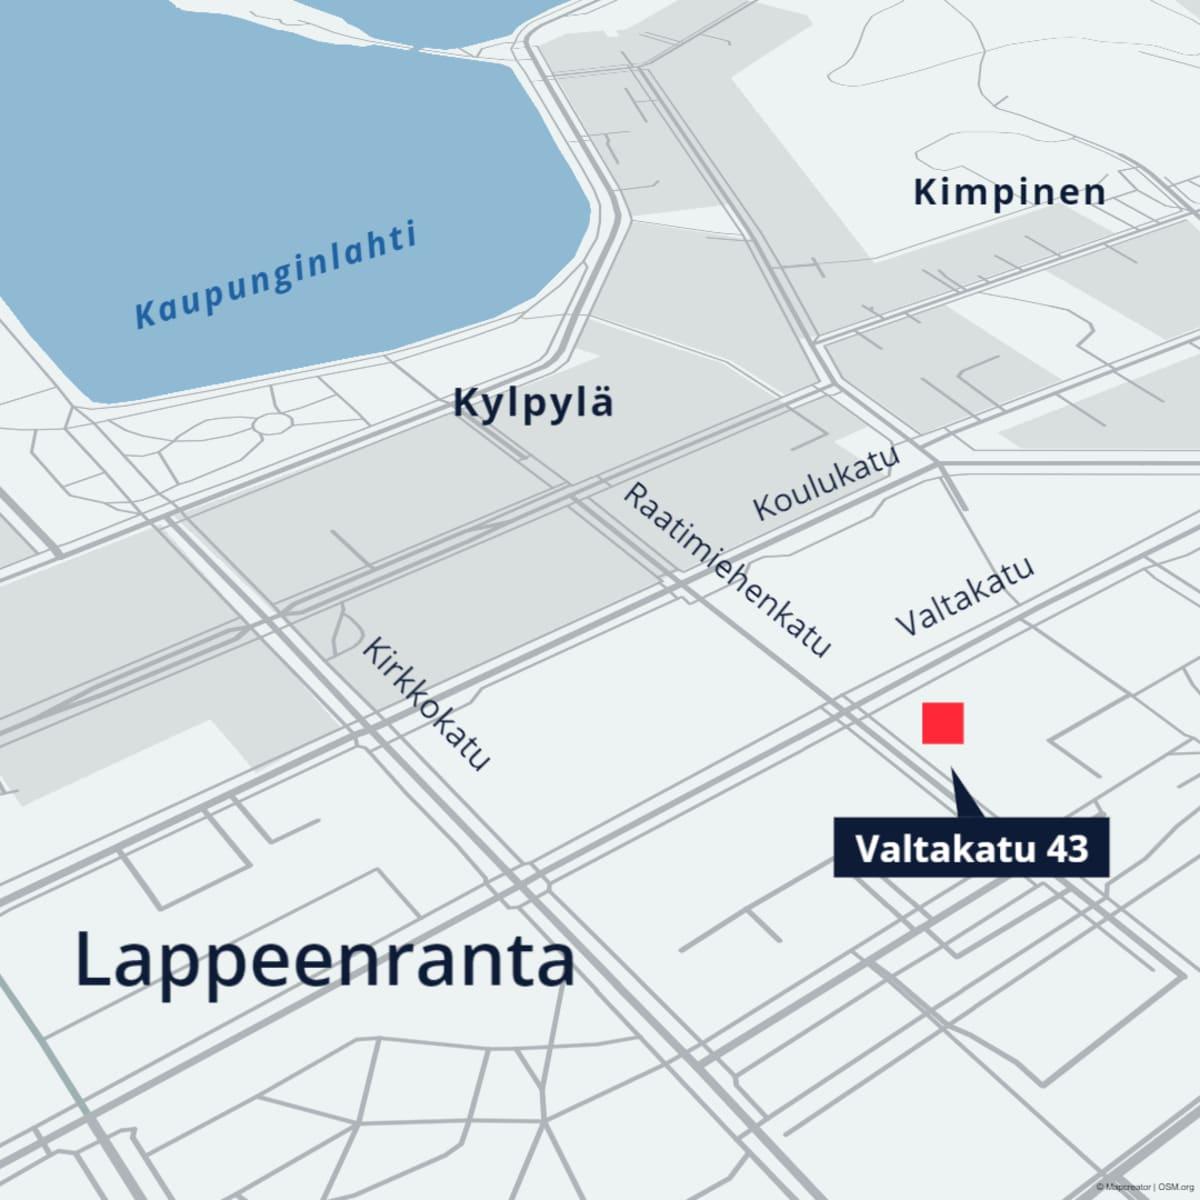 Kartta Valtakatu 43:n sijainnista Lappeenrannassa